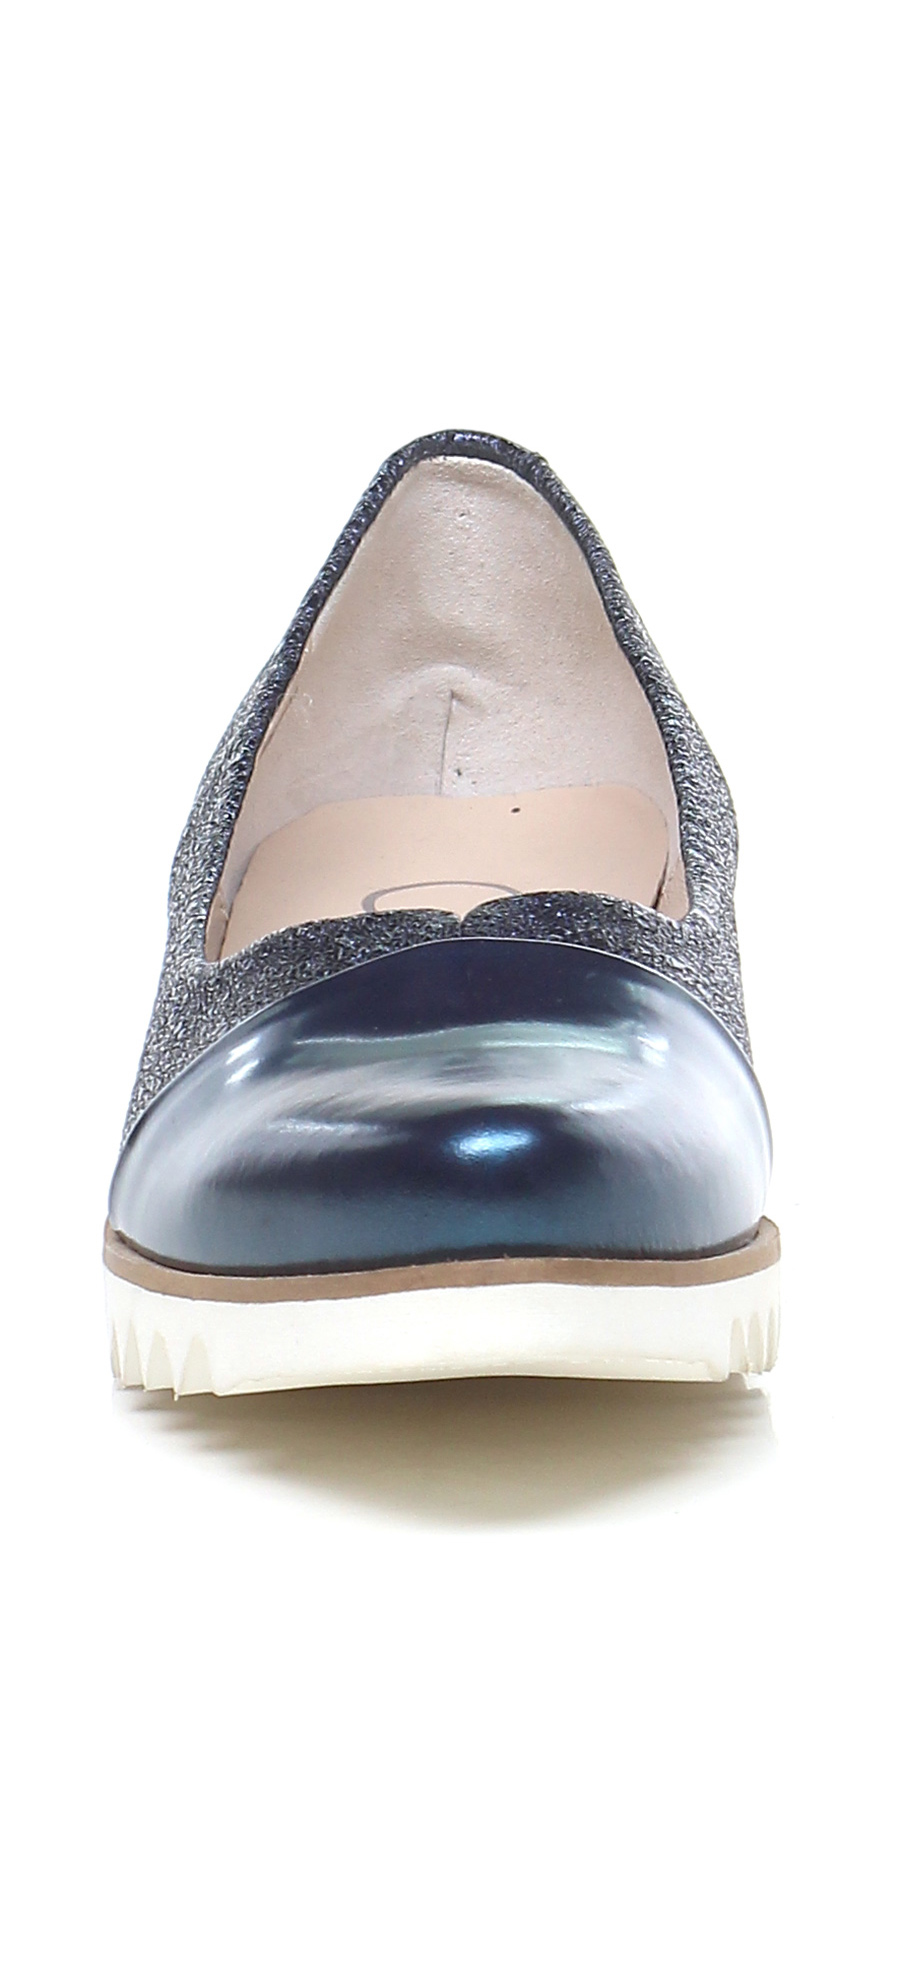 Scarpa bassa Notte/blu Mode Donna Carolina Mode Notte/blu billige Schuhe 2ec685